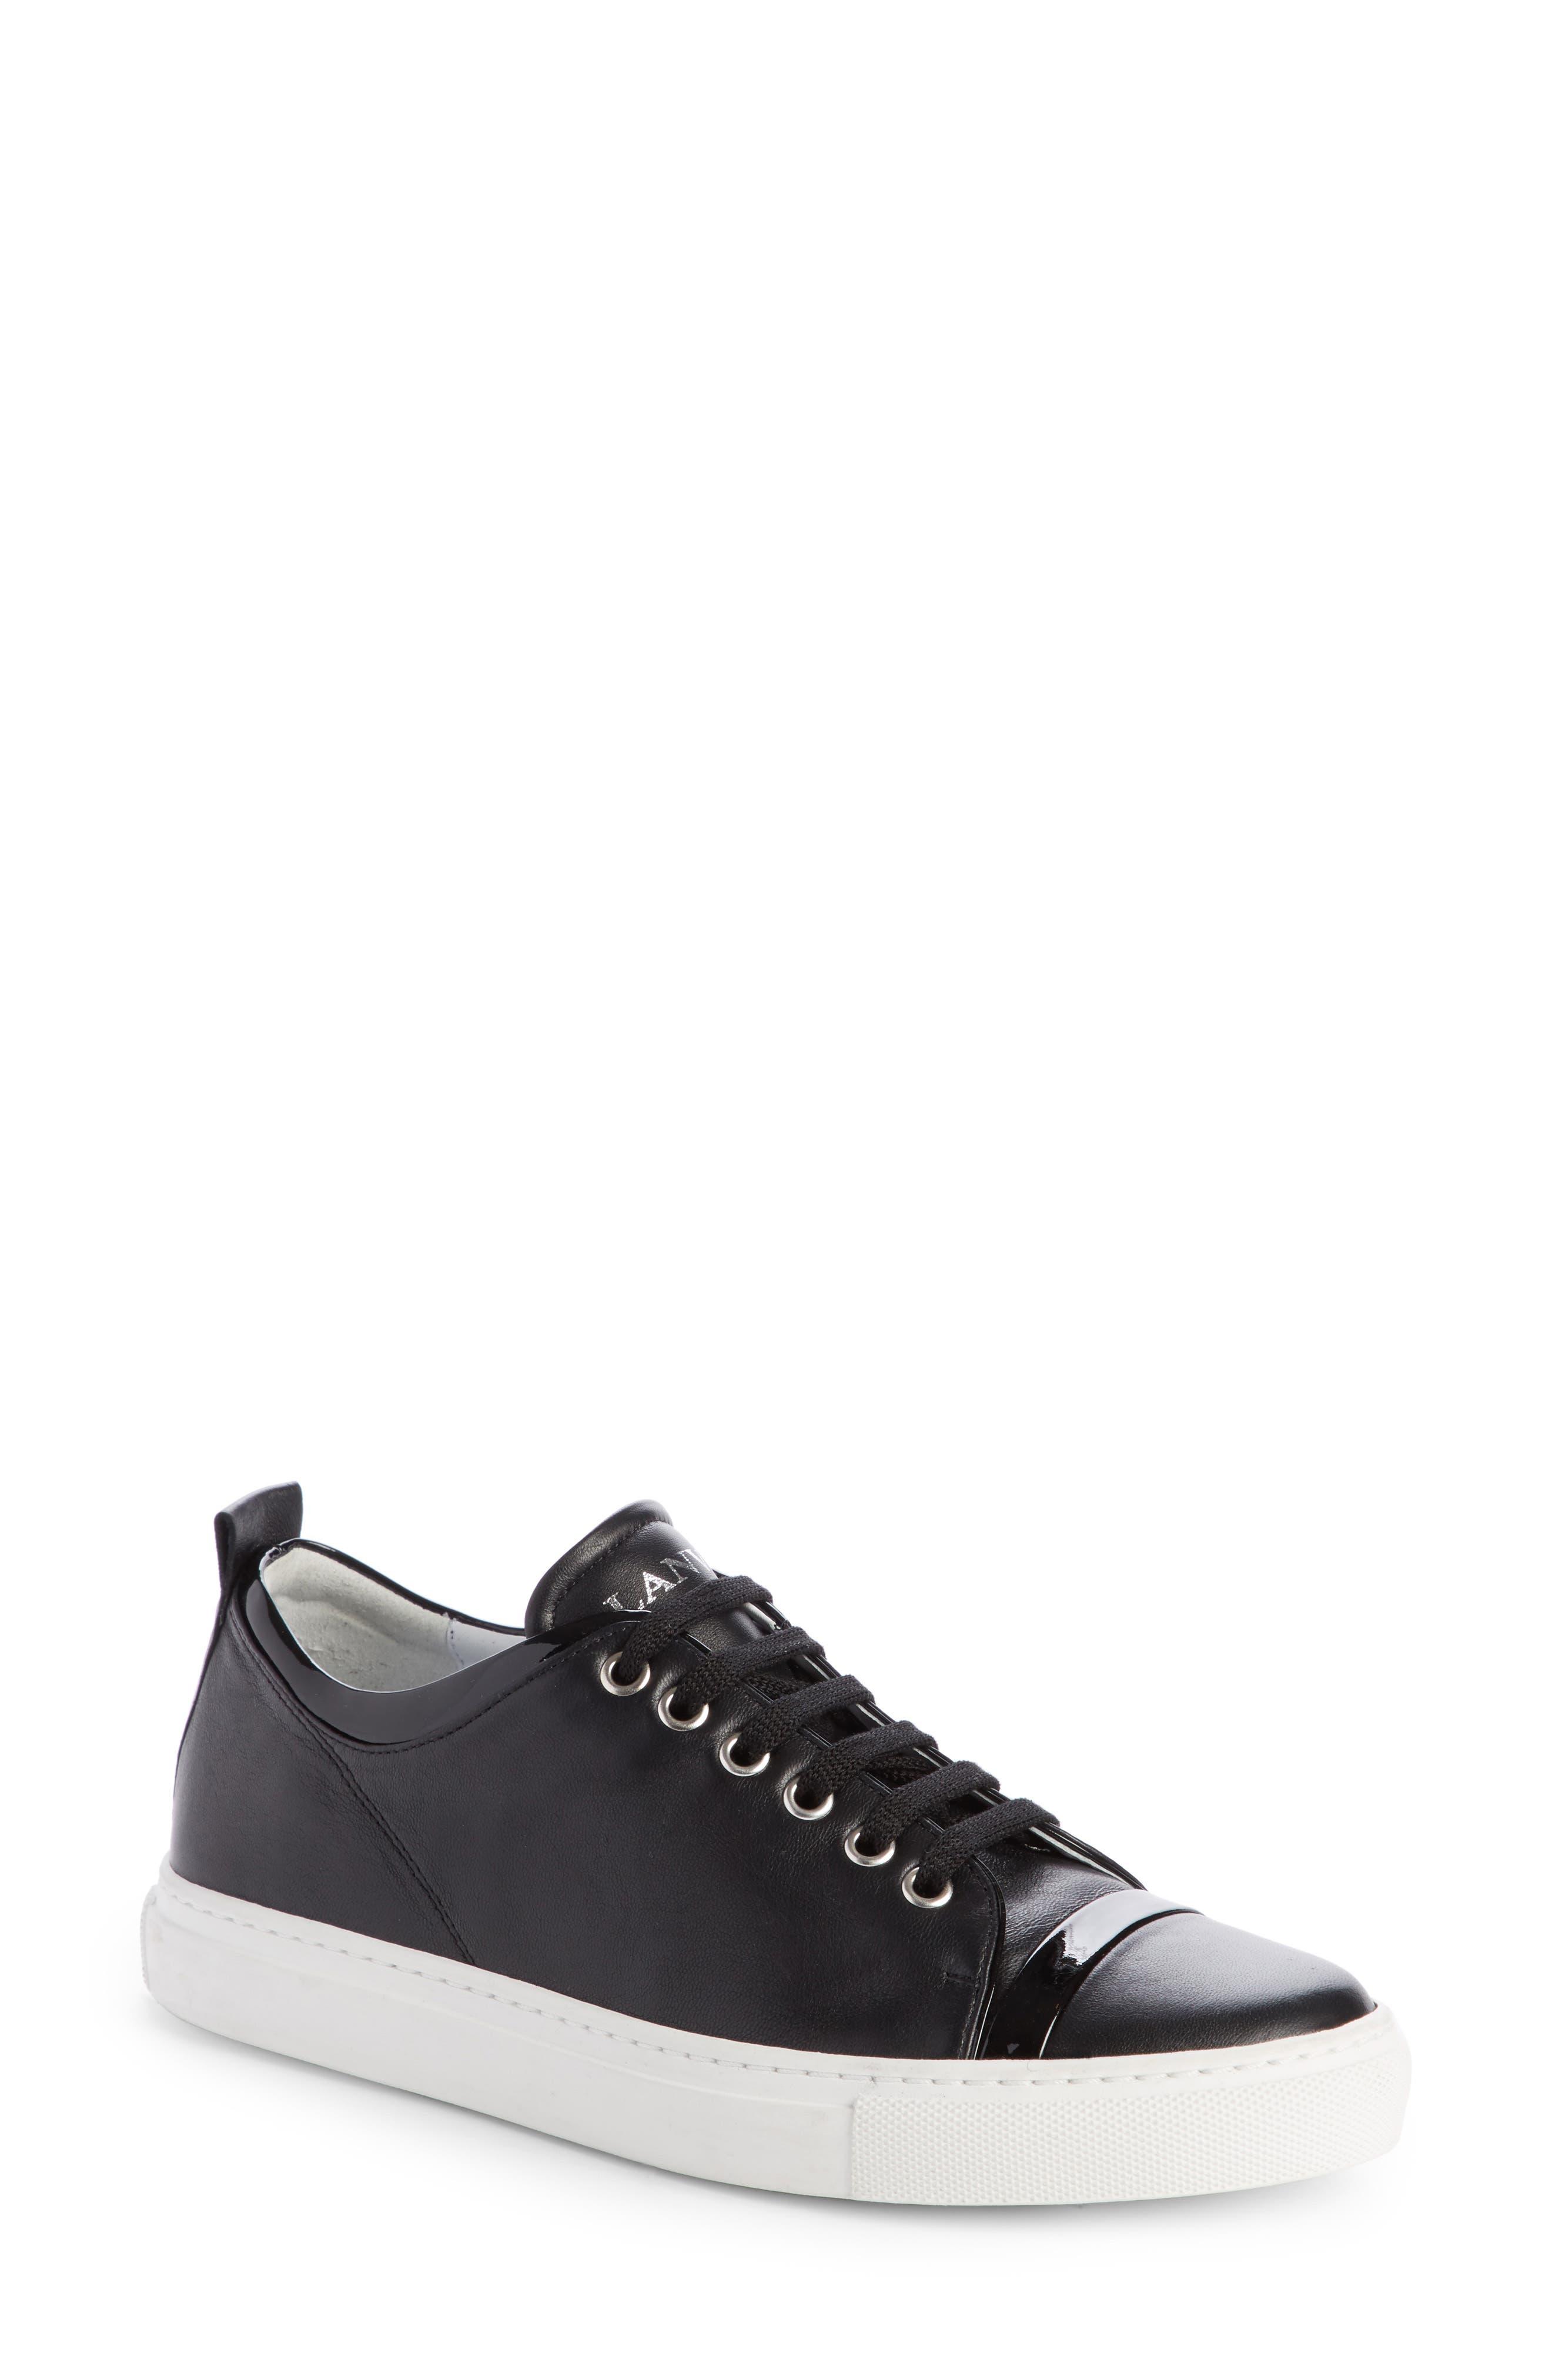 Lanvin Low Top Cap Toe Sneaker (Women)